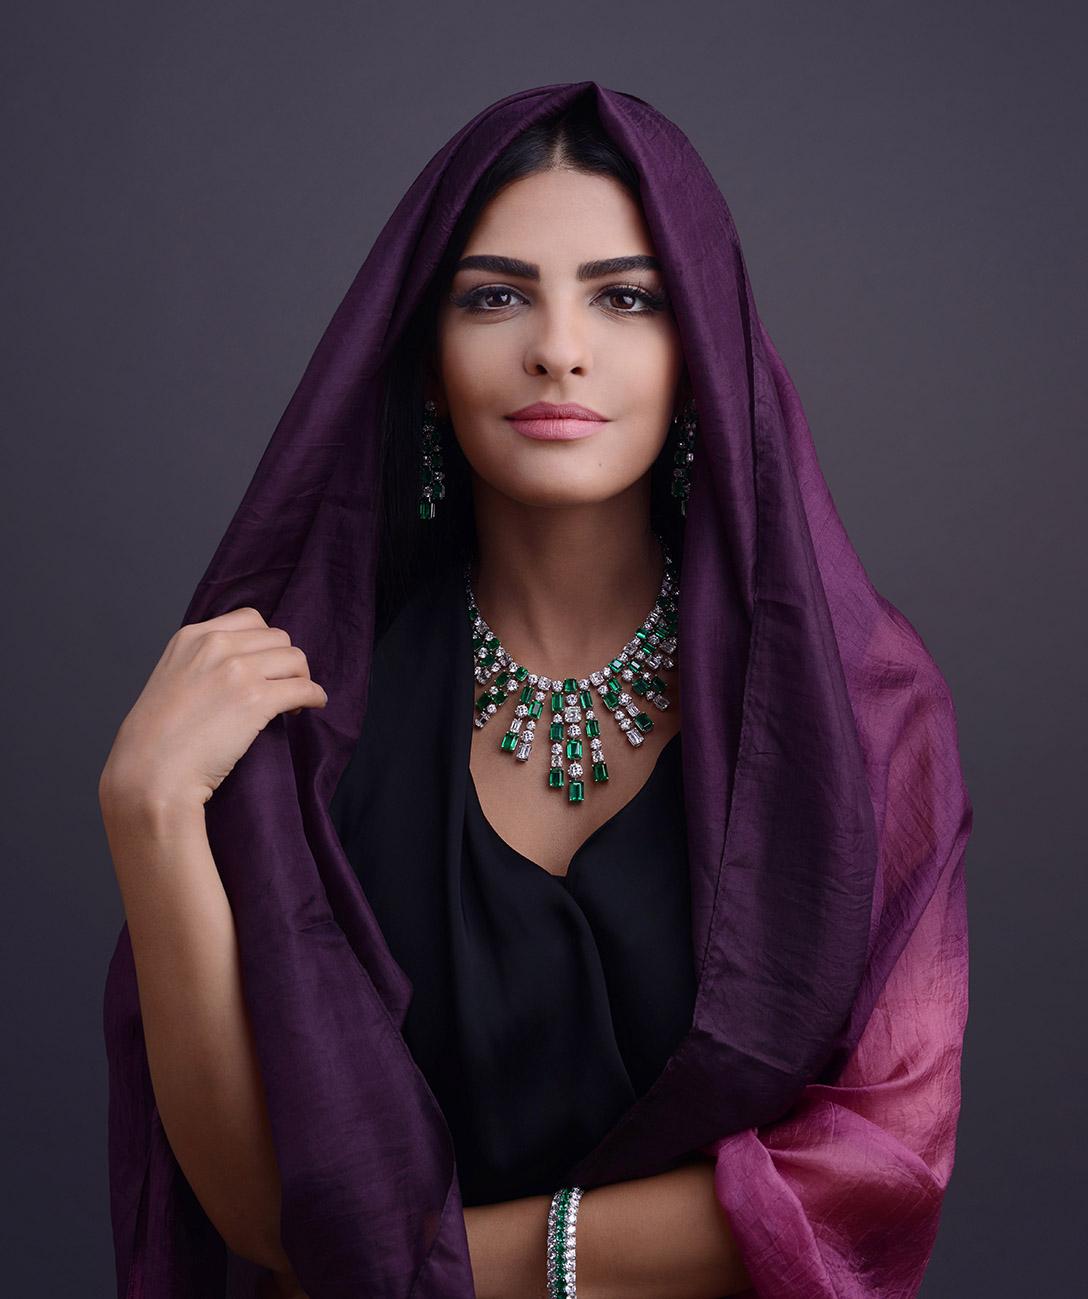 3-saudiskata-princeza-amira-e-novata-modna-ikona-www.kafepauza.mk_